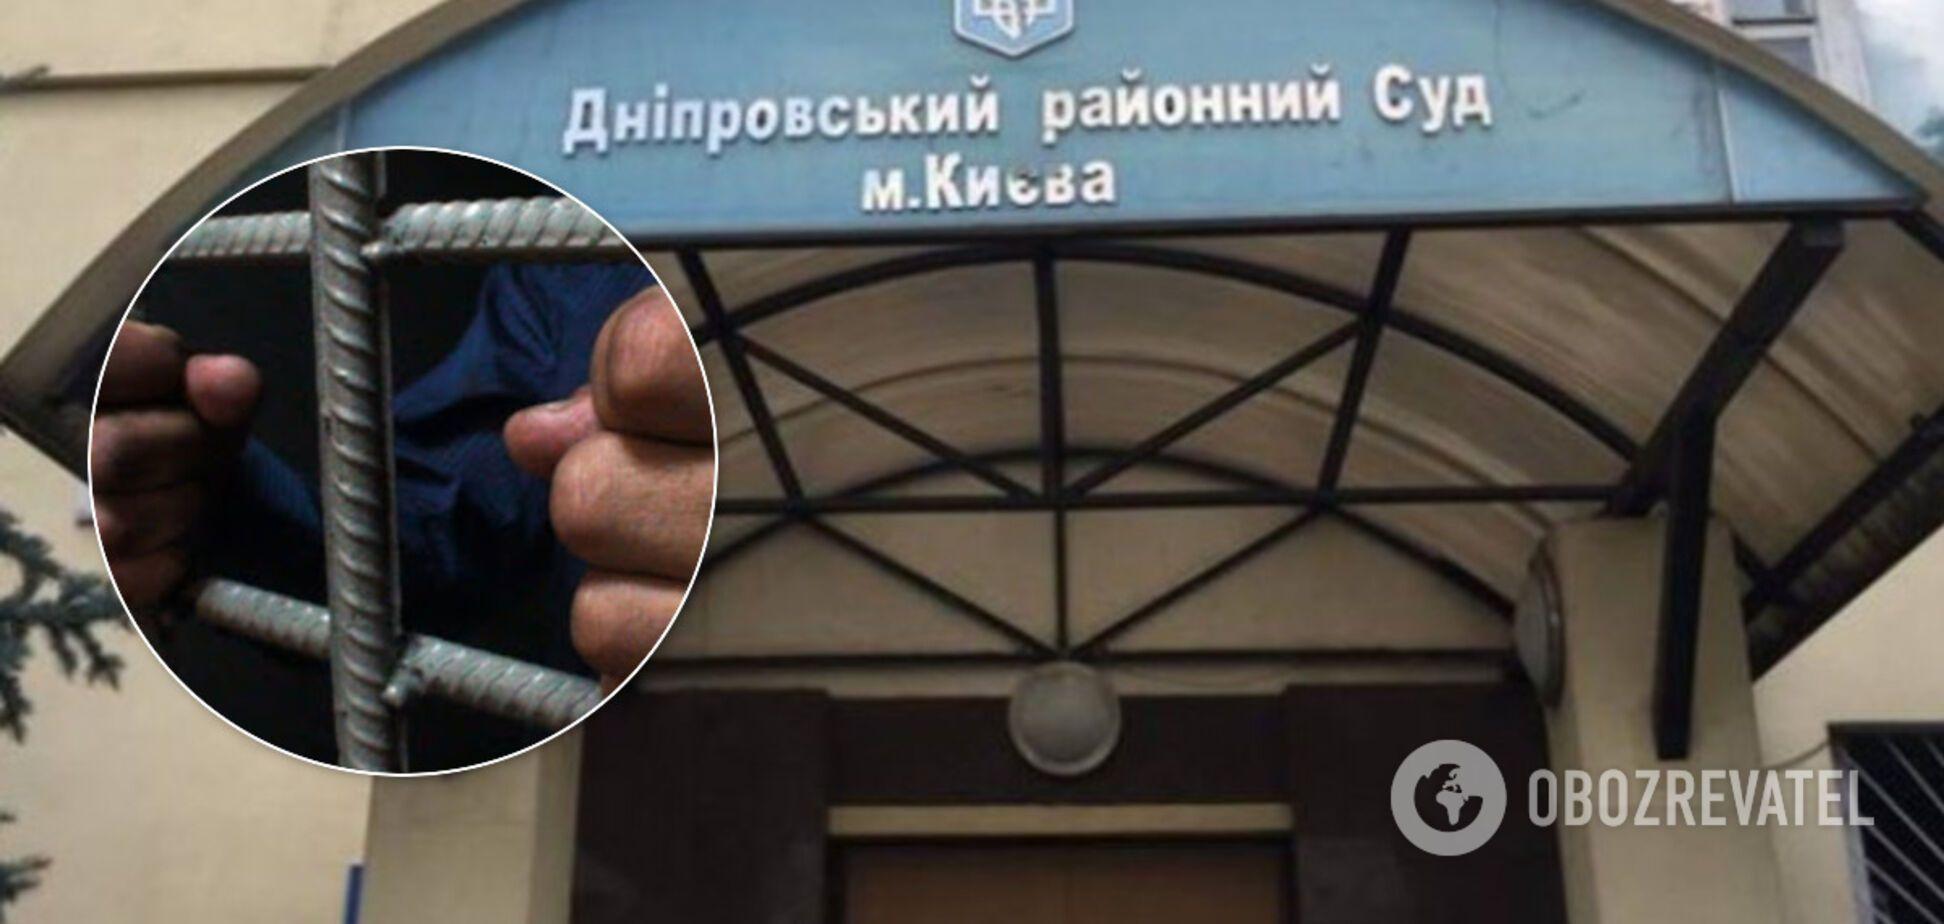 Бывшего киевского судью будут судить за арест участников Майдана